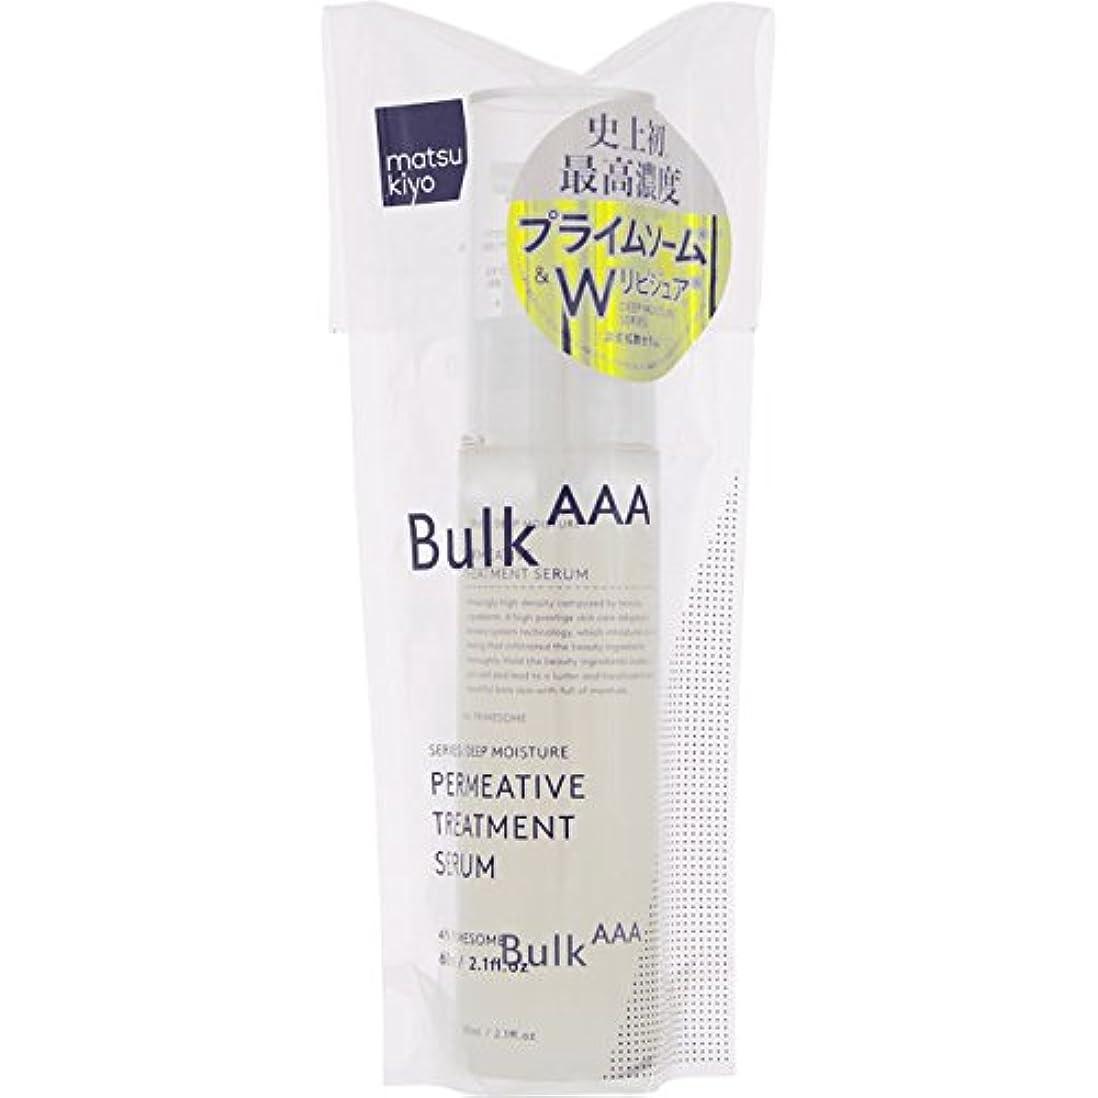 底不快な魅力的matsukiyo BULK AAA トリートメントセラム 60ml